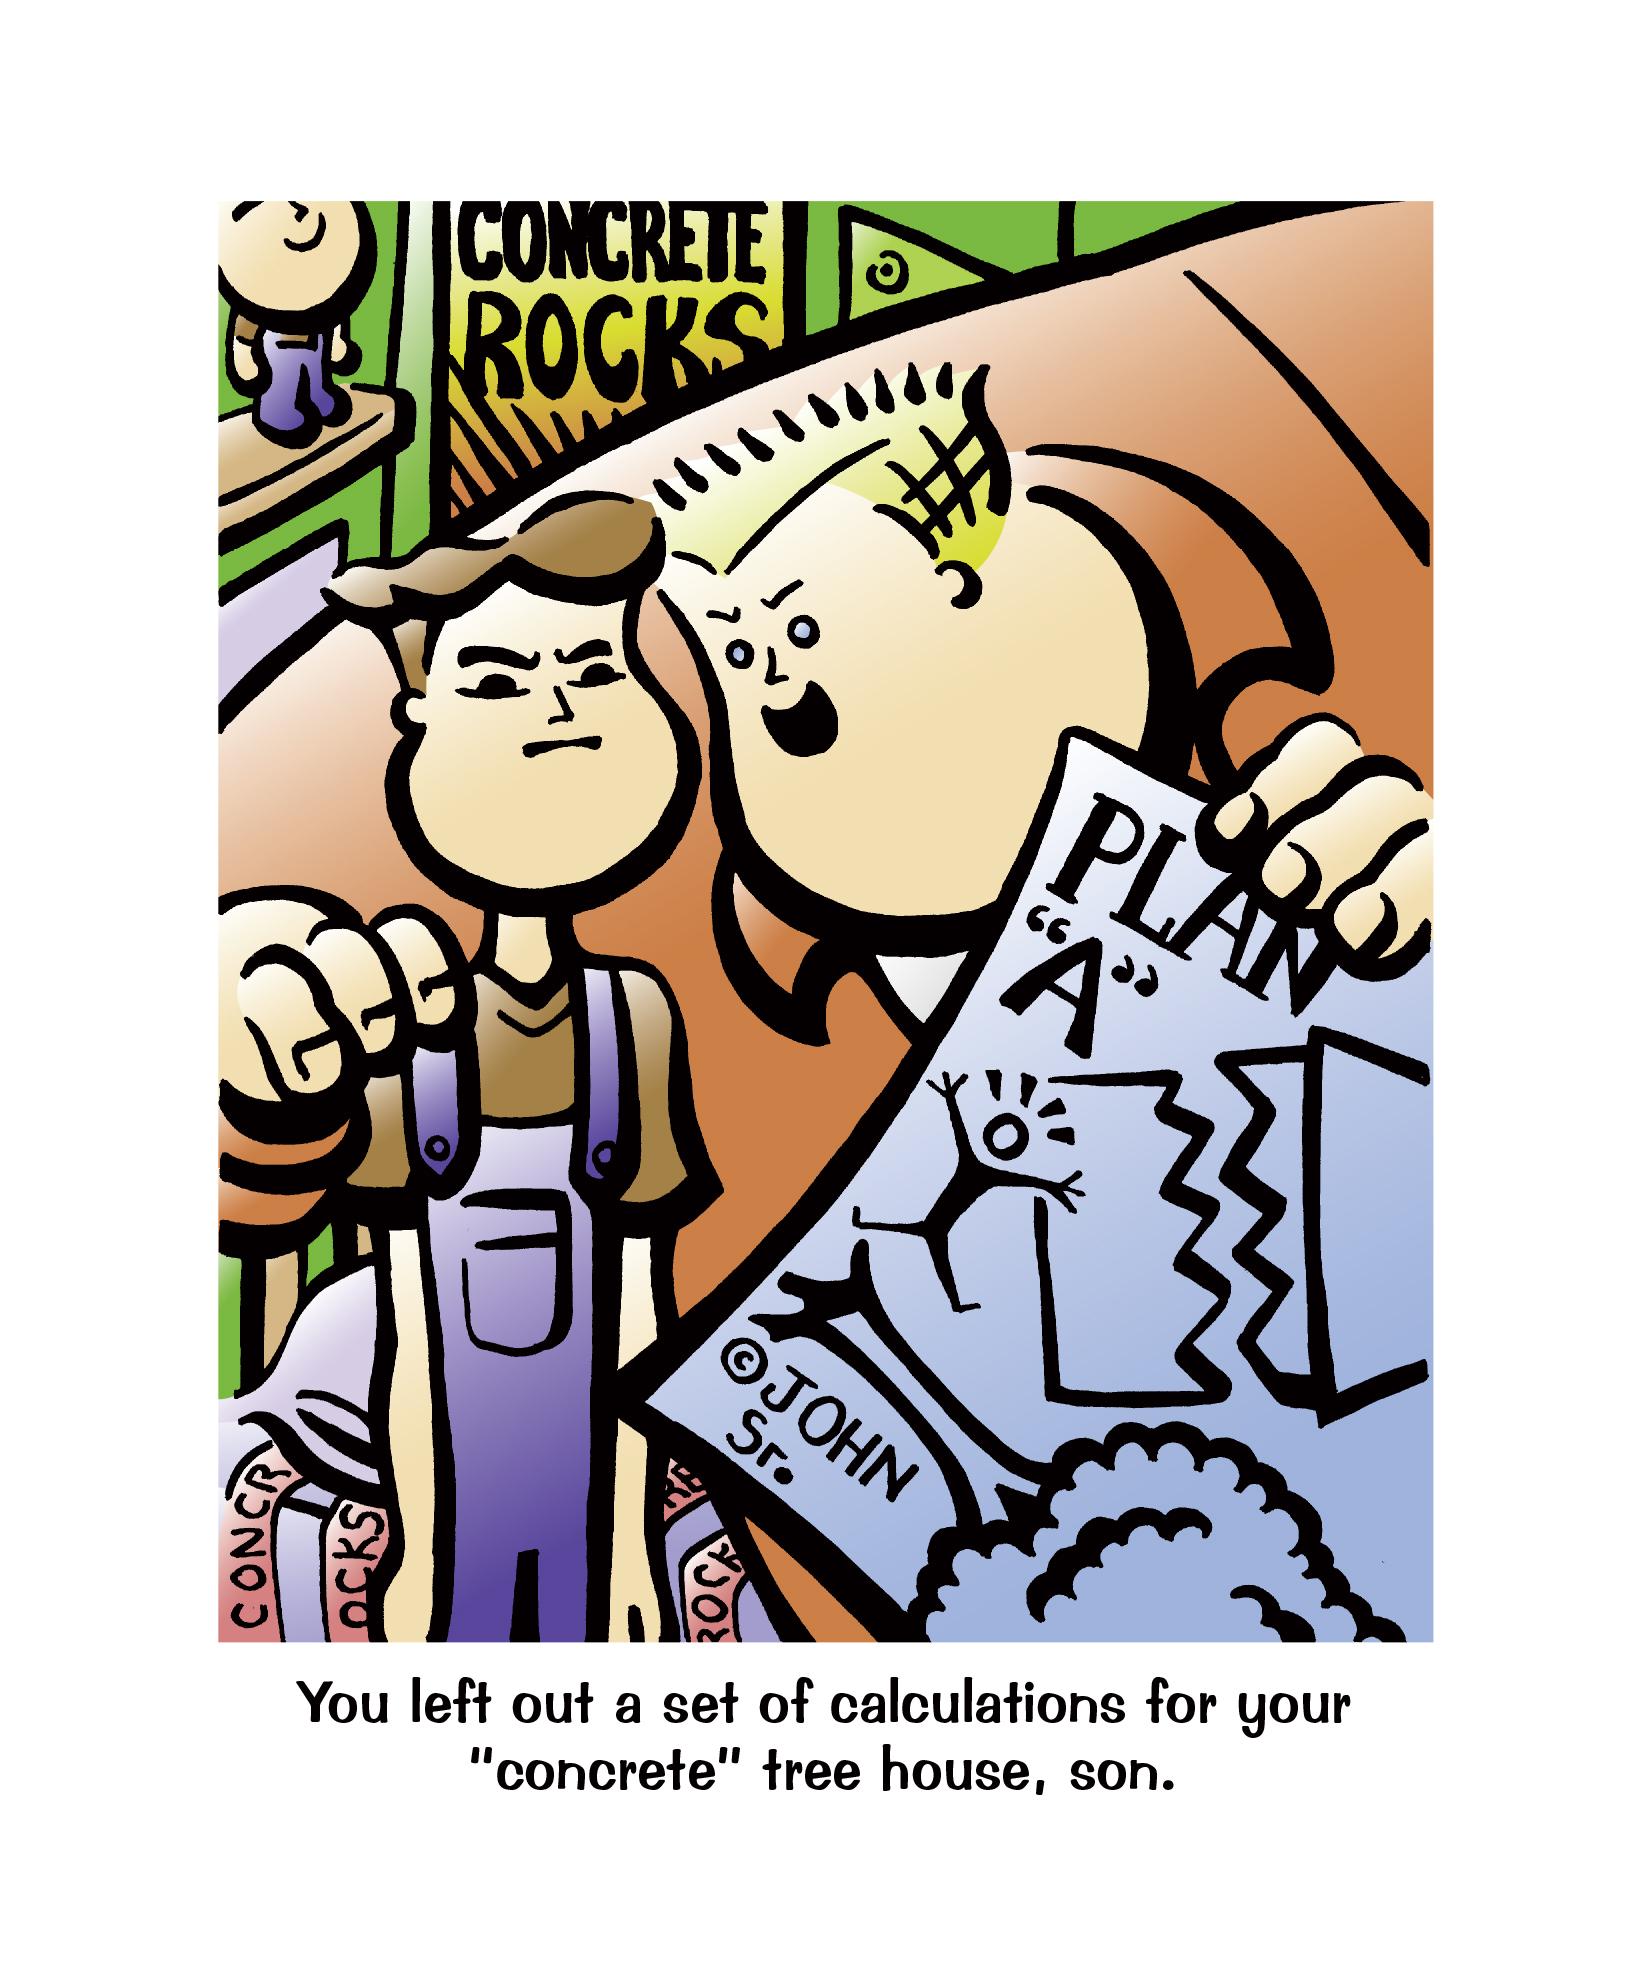 Concrete Jungle_Comic Strip 5_Daniel Gallant